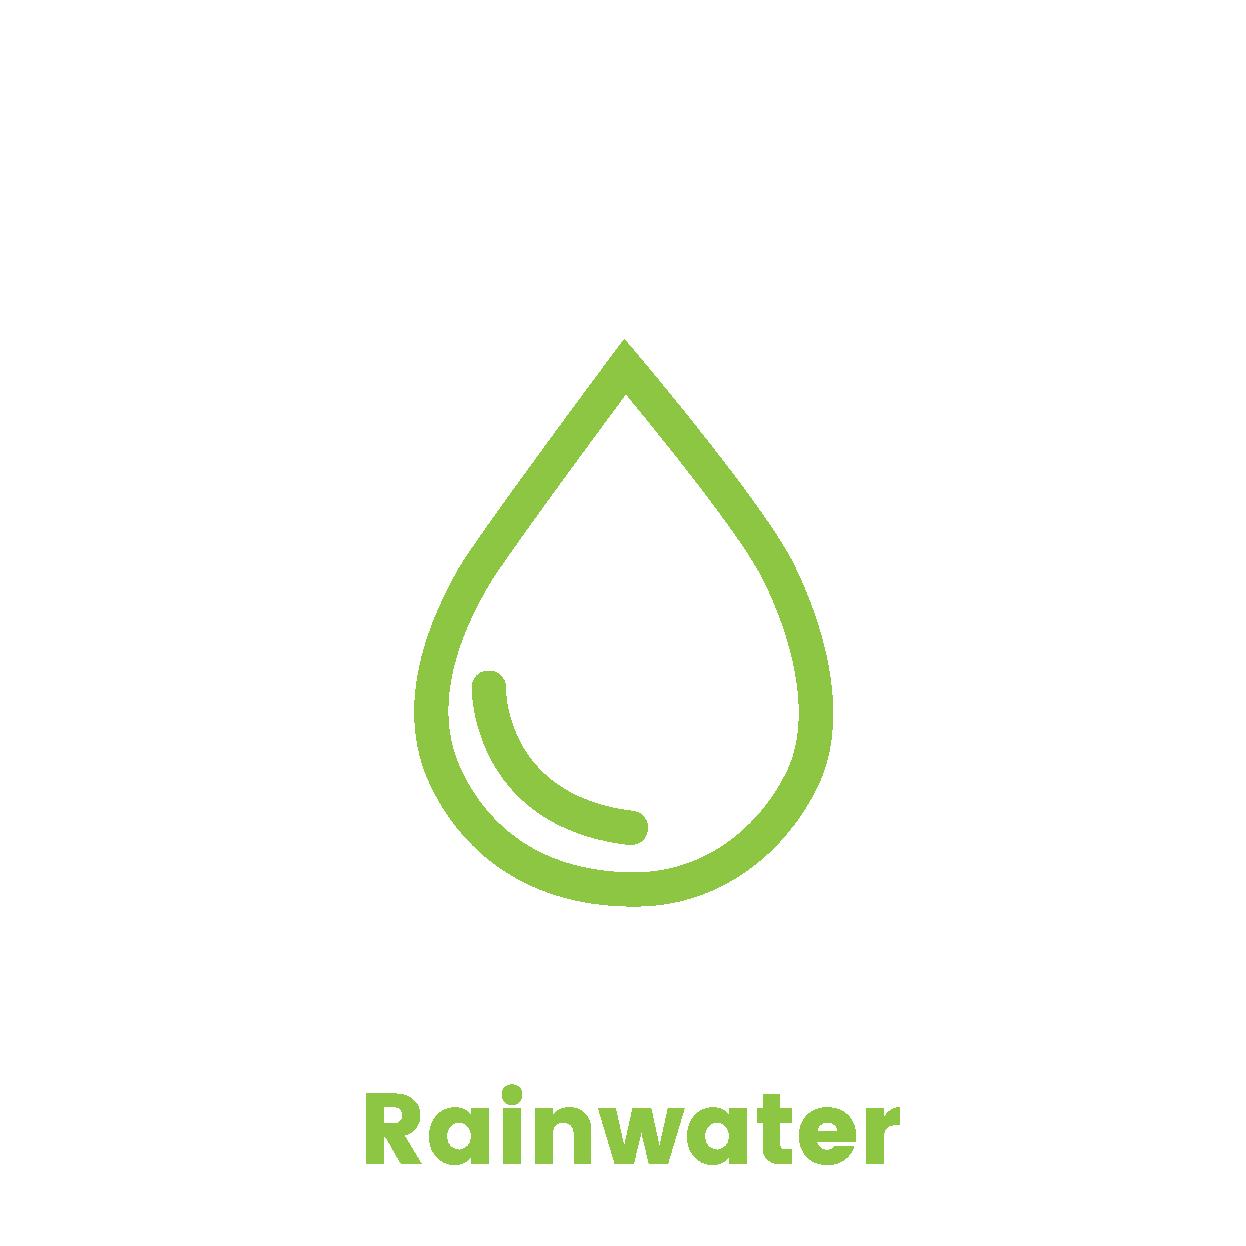 p4 PM - Rainwater-01.png